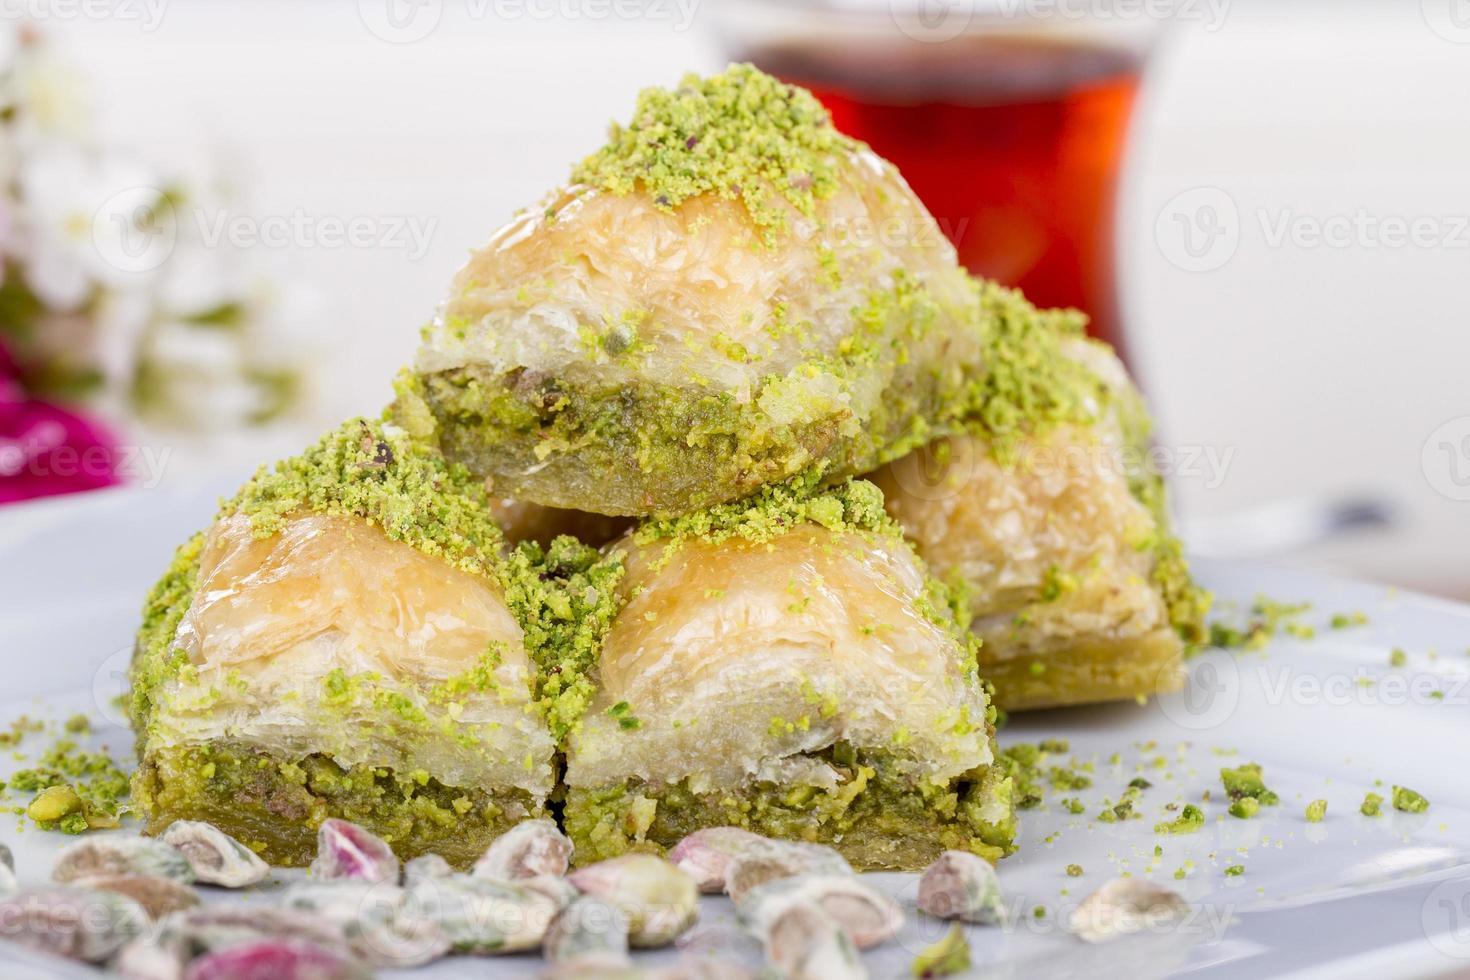 postre árabe turco tradicional - baklava con miel y nueces foto